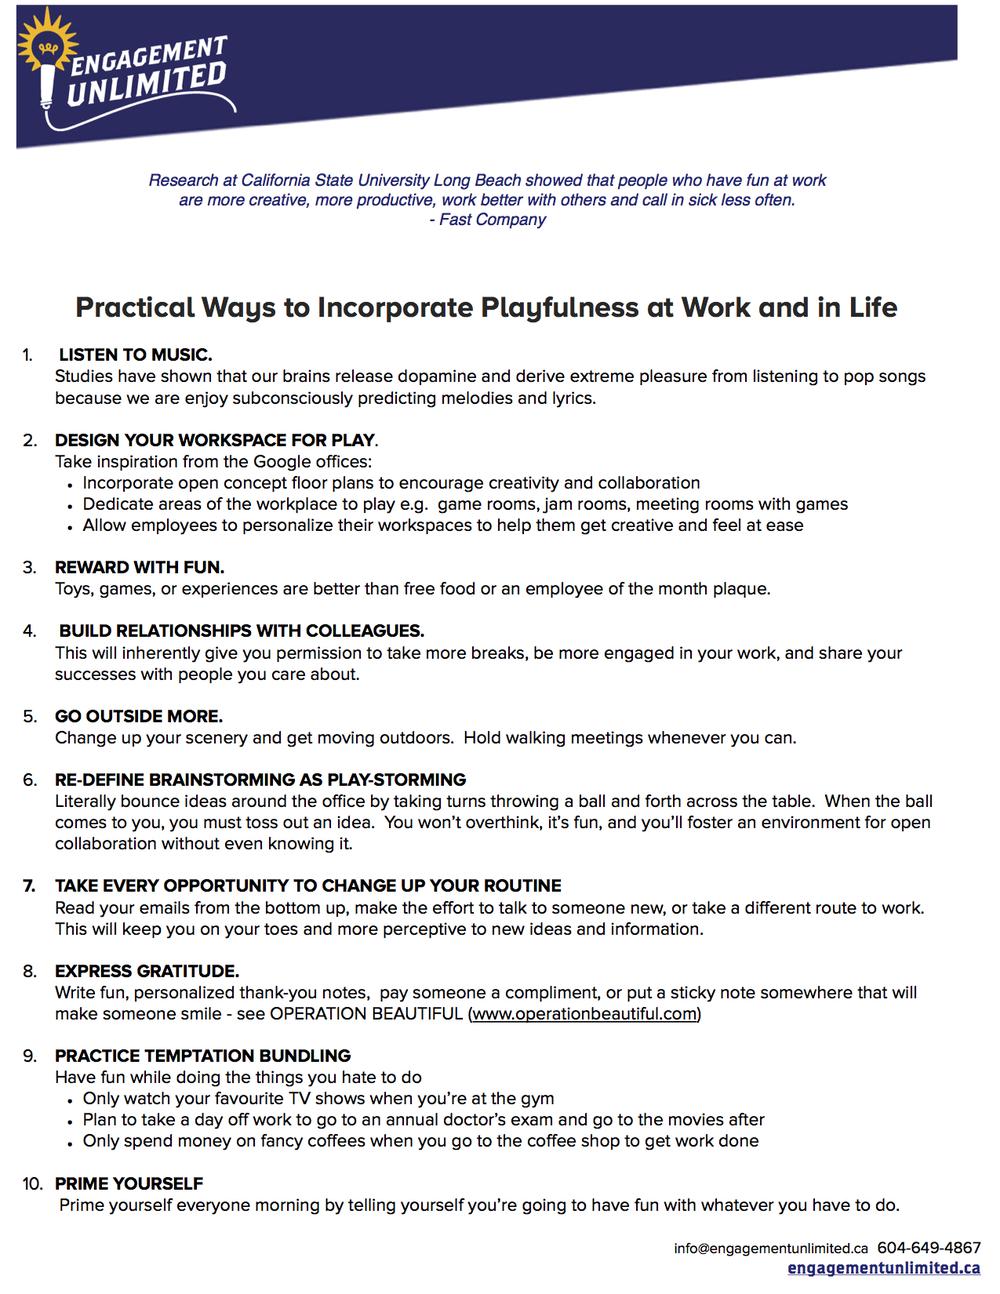 PracticalTipsPlayfulness